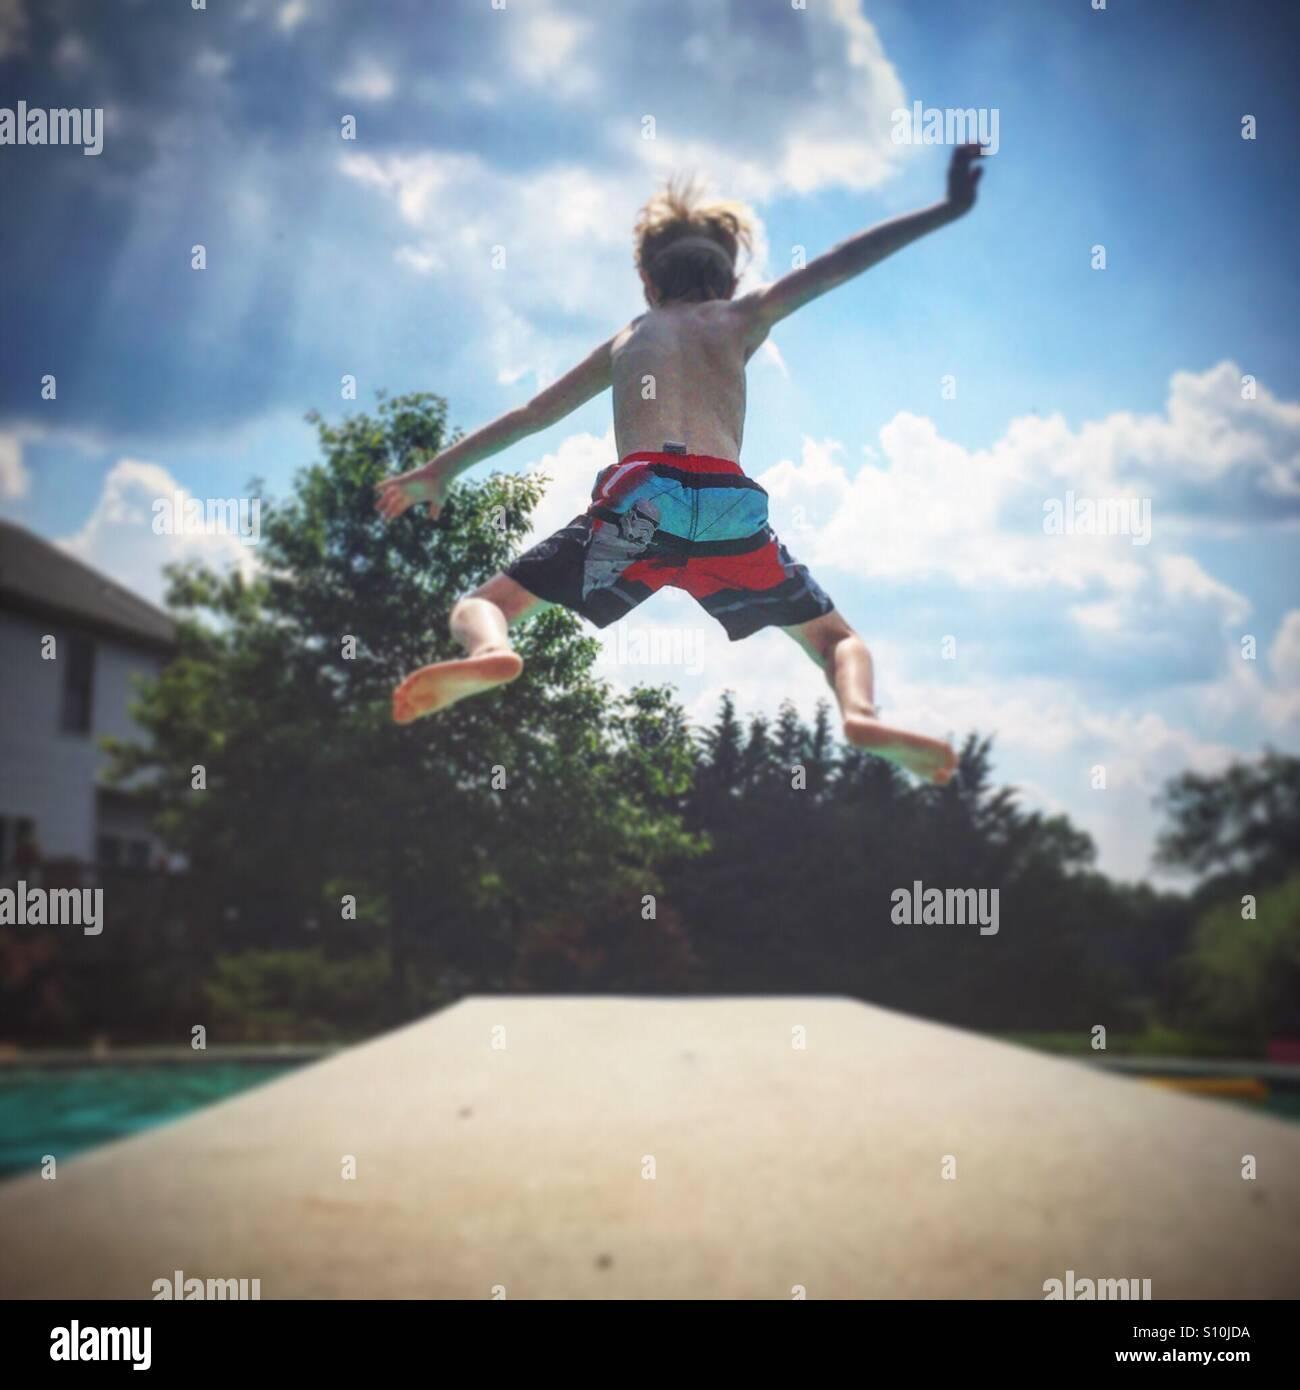 Un giovane ragazzo salta fuori da un trampolino e in piscina in un caldo giorno d'estate Immagini Stock